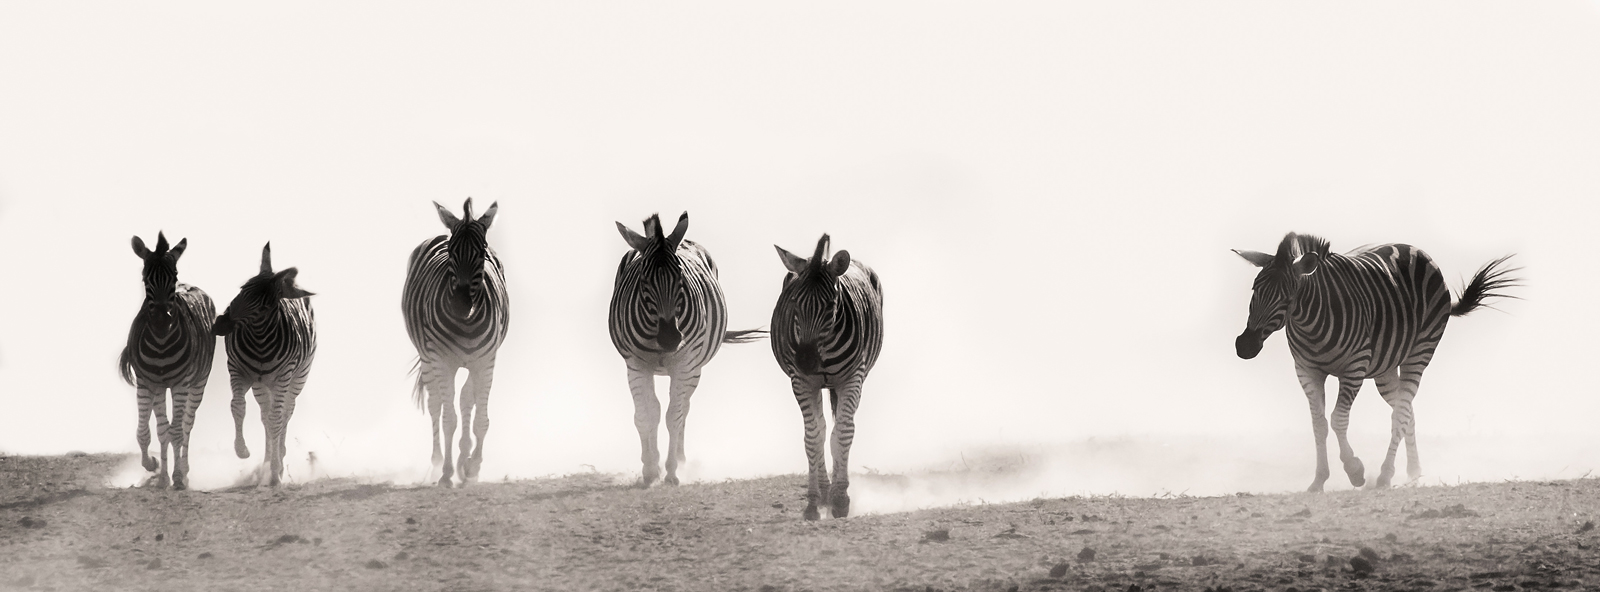 Mphongolo Kruger National Park